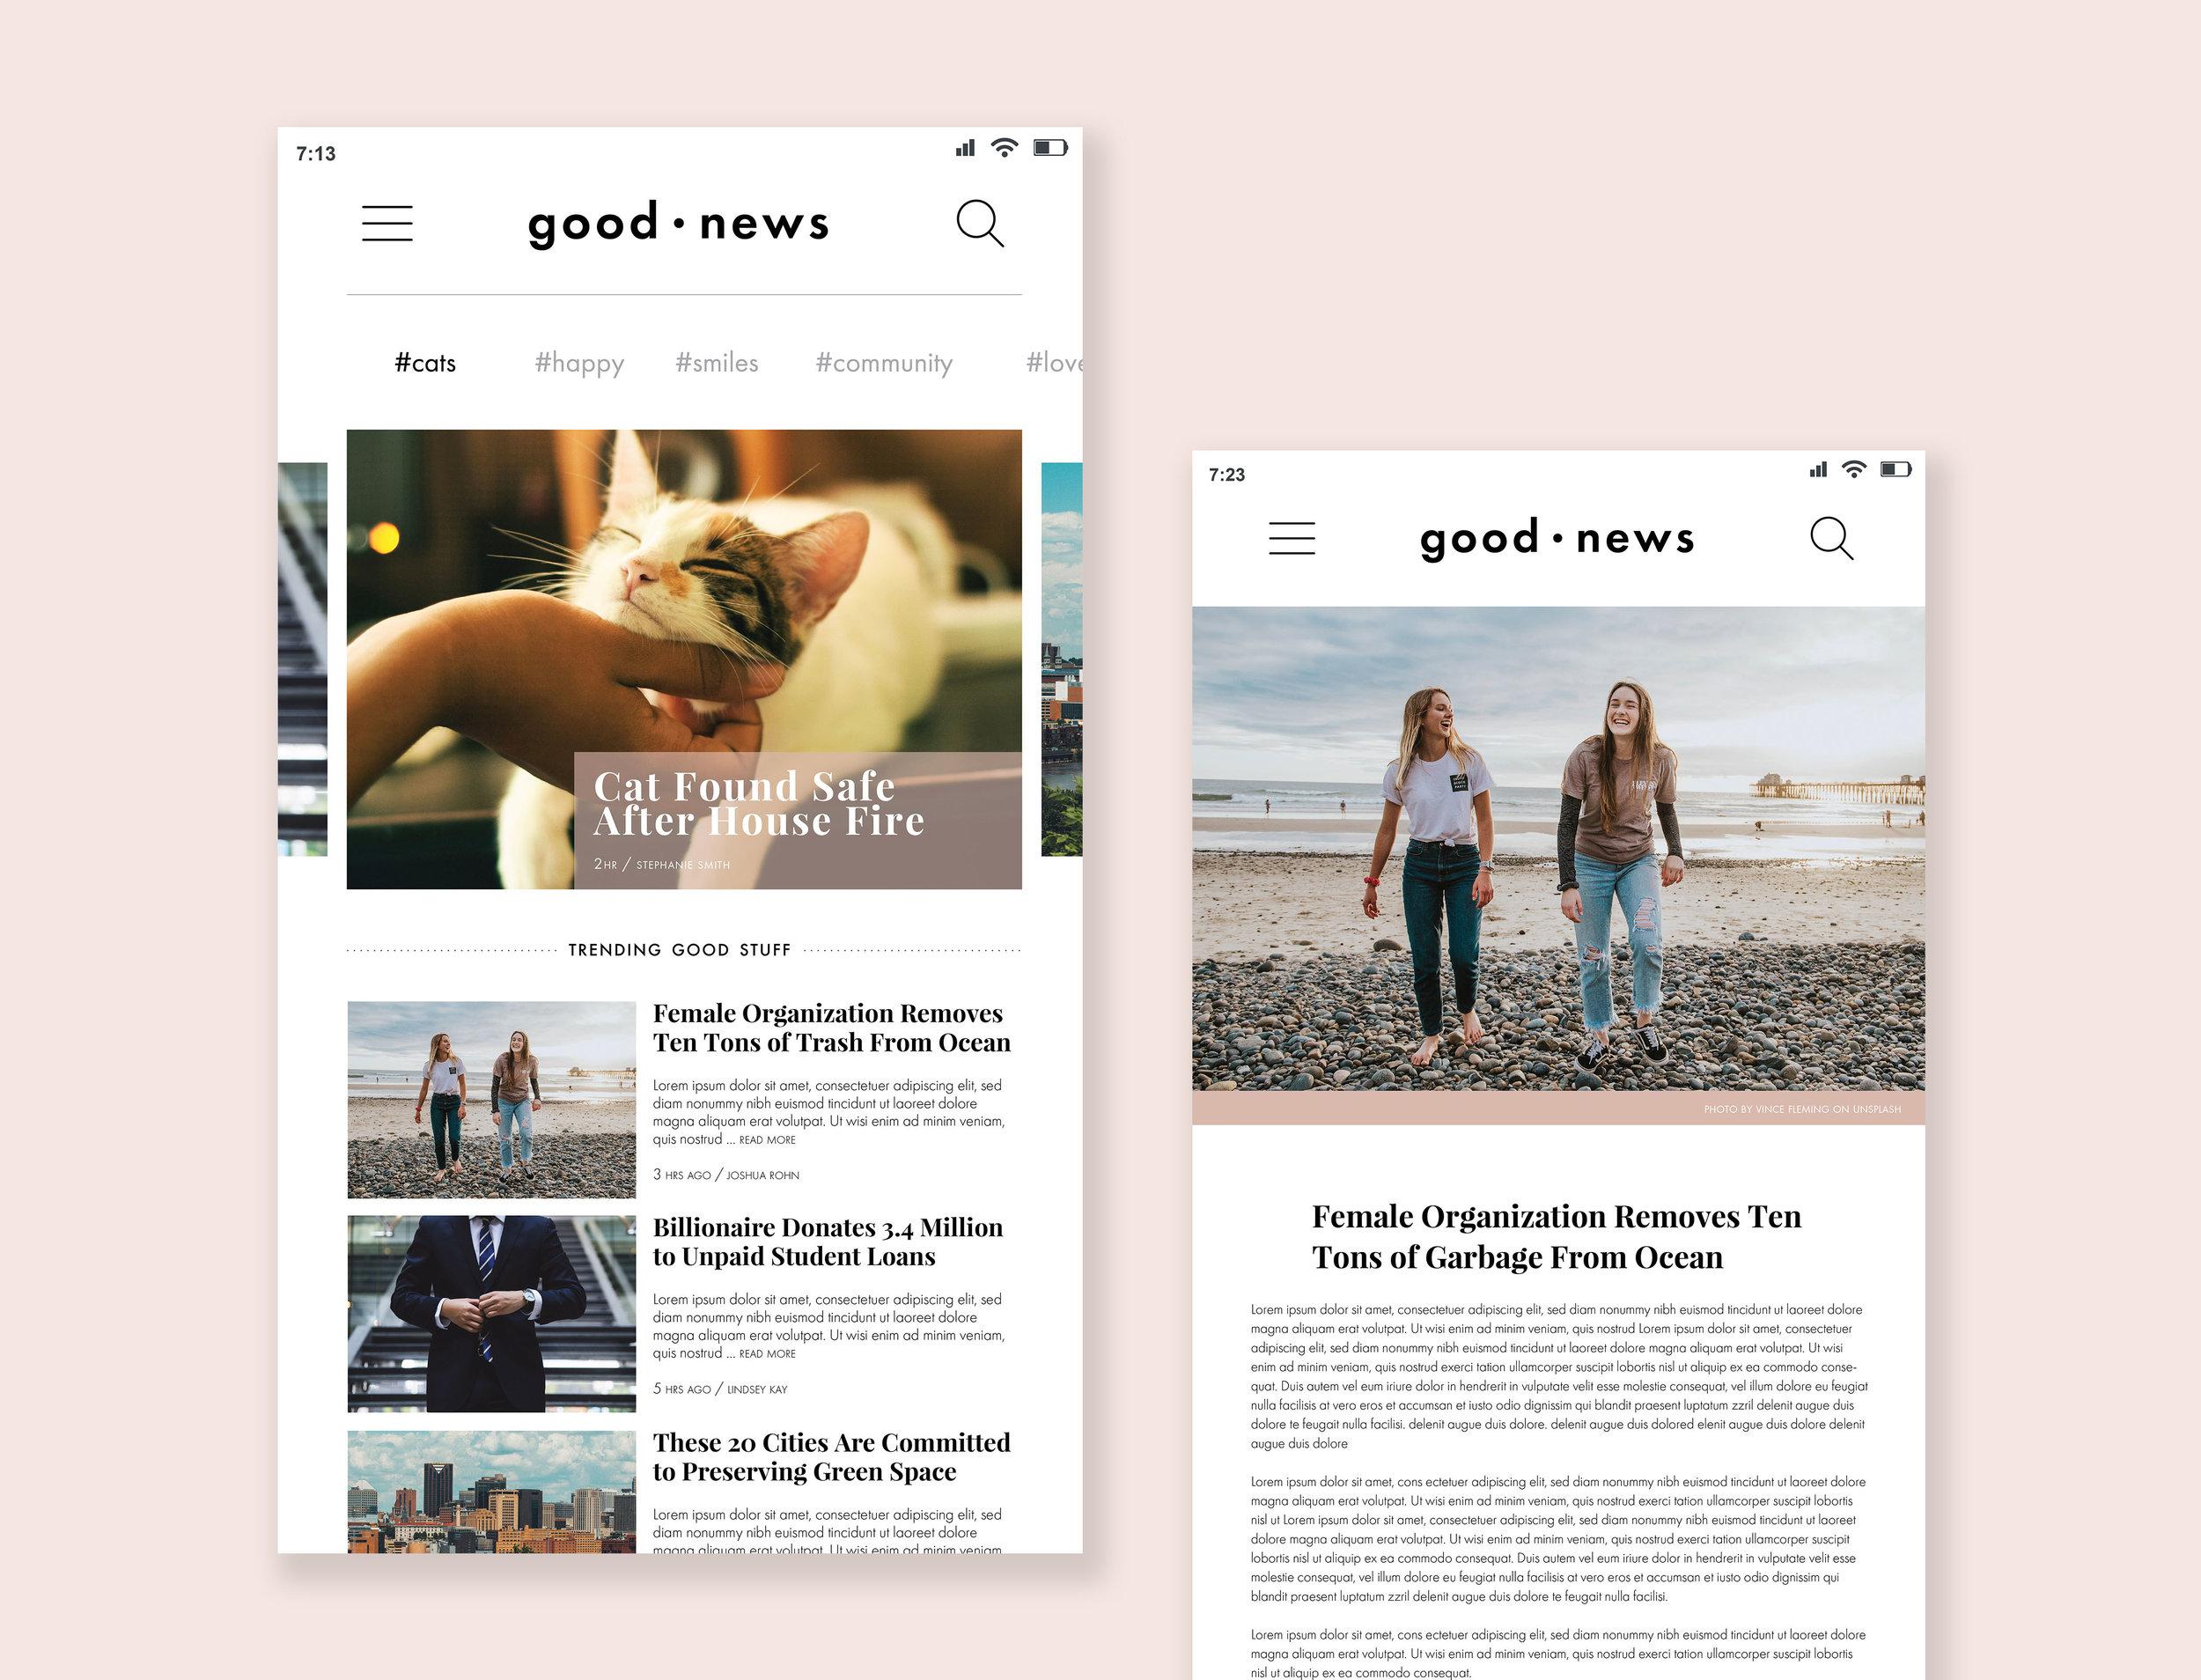 good-news-mobile-app